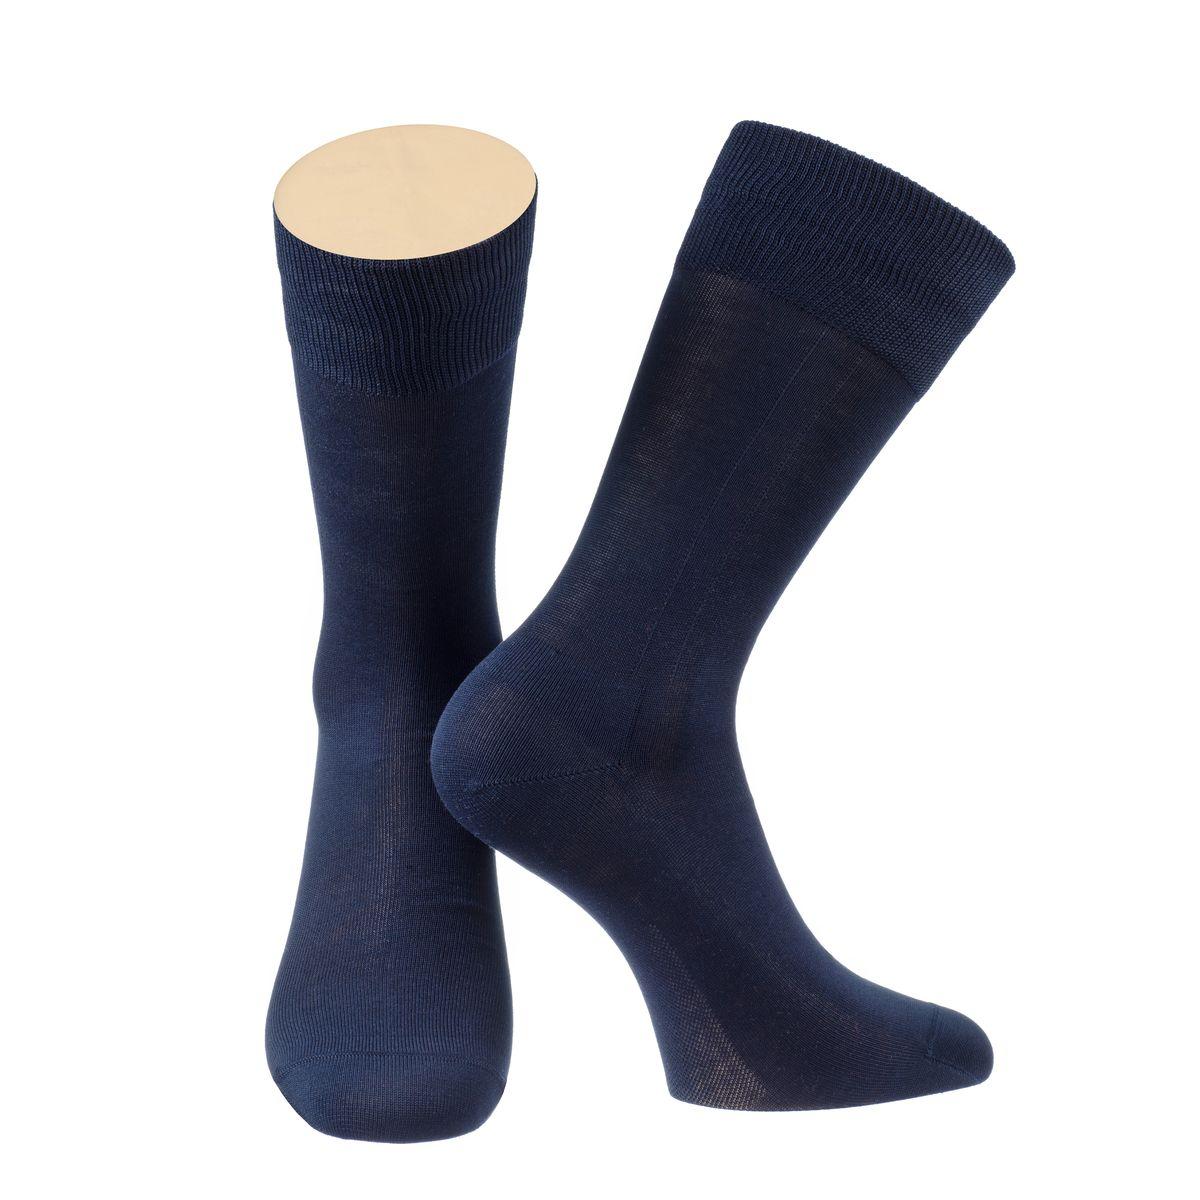 Носки мужские Collonil, цвет: темно-синий. 2-14/18. Размер 42-432-14/18Мужские носки Collonil изготовлены из мерсеризованного хлопка.Носки с удлиненным паголенком. Широкая резинка не сдавливает и комфортно облегает ногу.